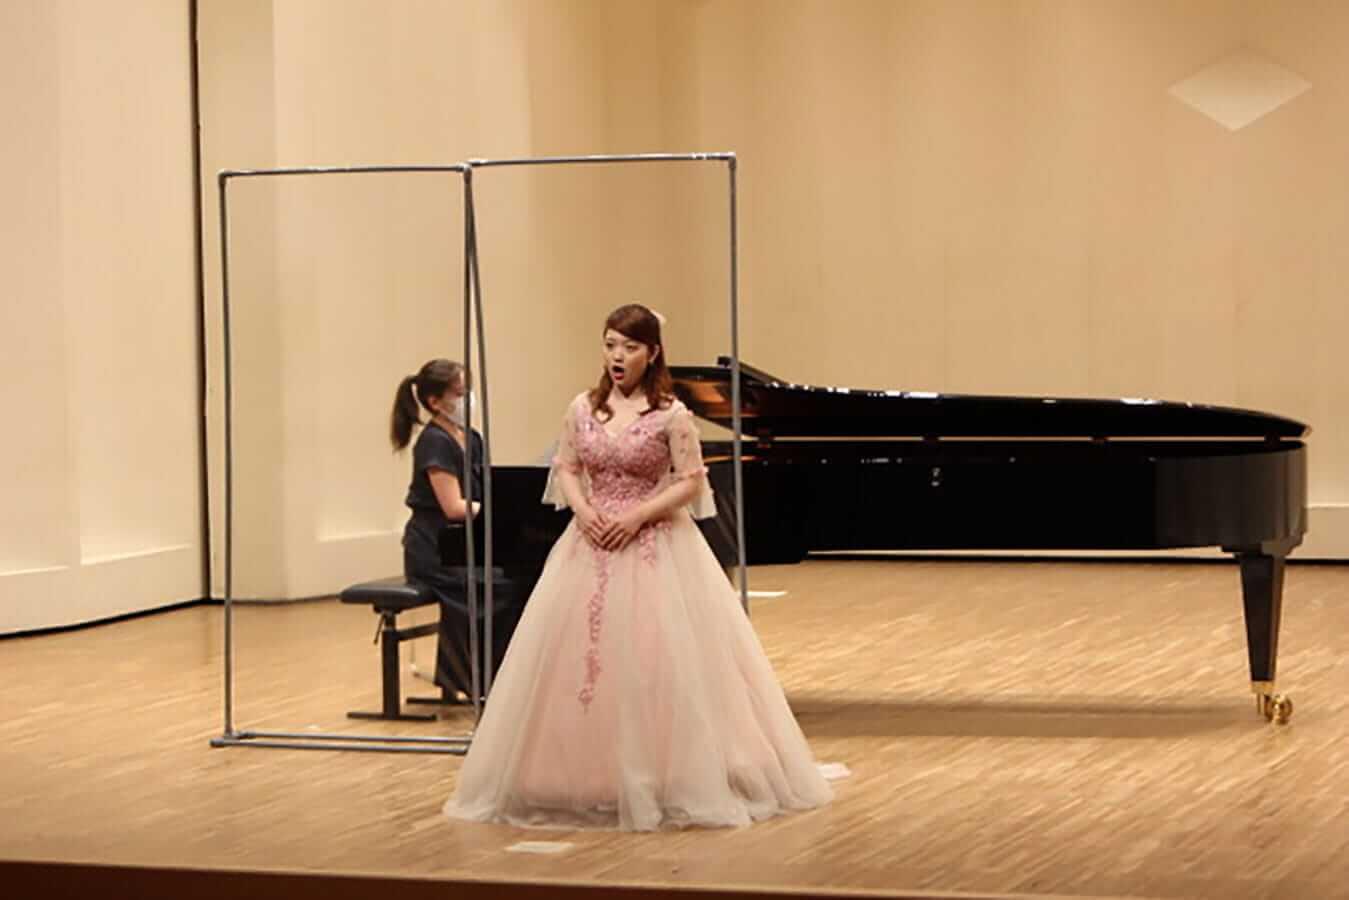 [写真]学内演奏会 ―声楽コース 1・2年次 独唱 3年次 日本歌曲―演奏風景10